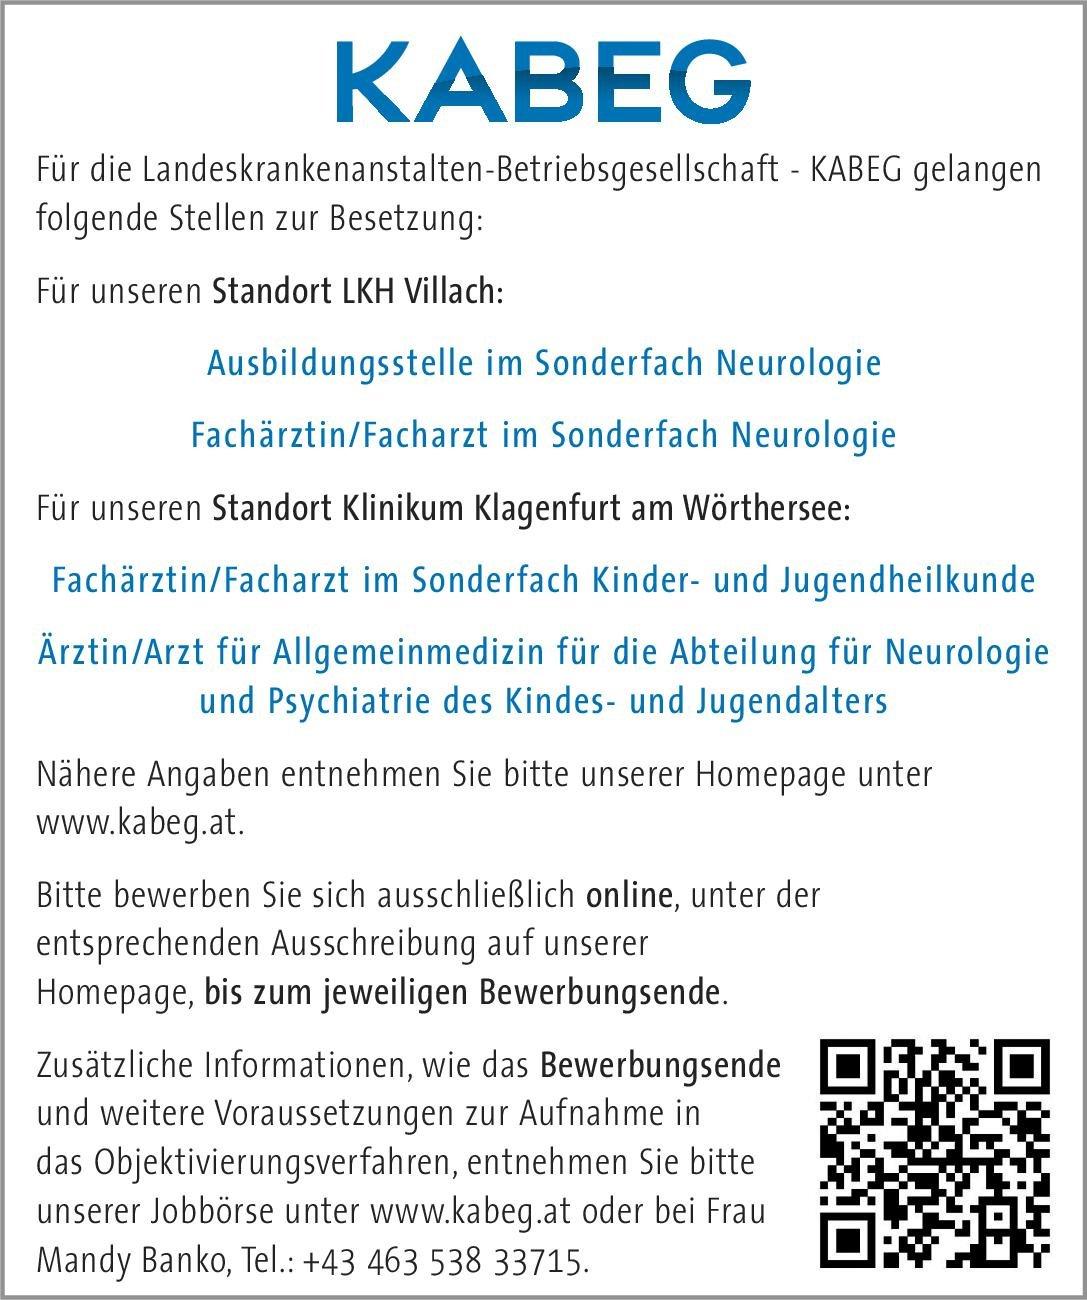 Landeskrankenanstalten-Betriebsgesellschaft - KABEG Fachärztin/Facharzt im Sonderfach Neurologie Neurologie Arzt / Facharzt